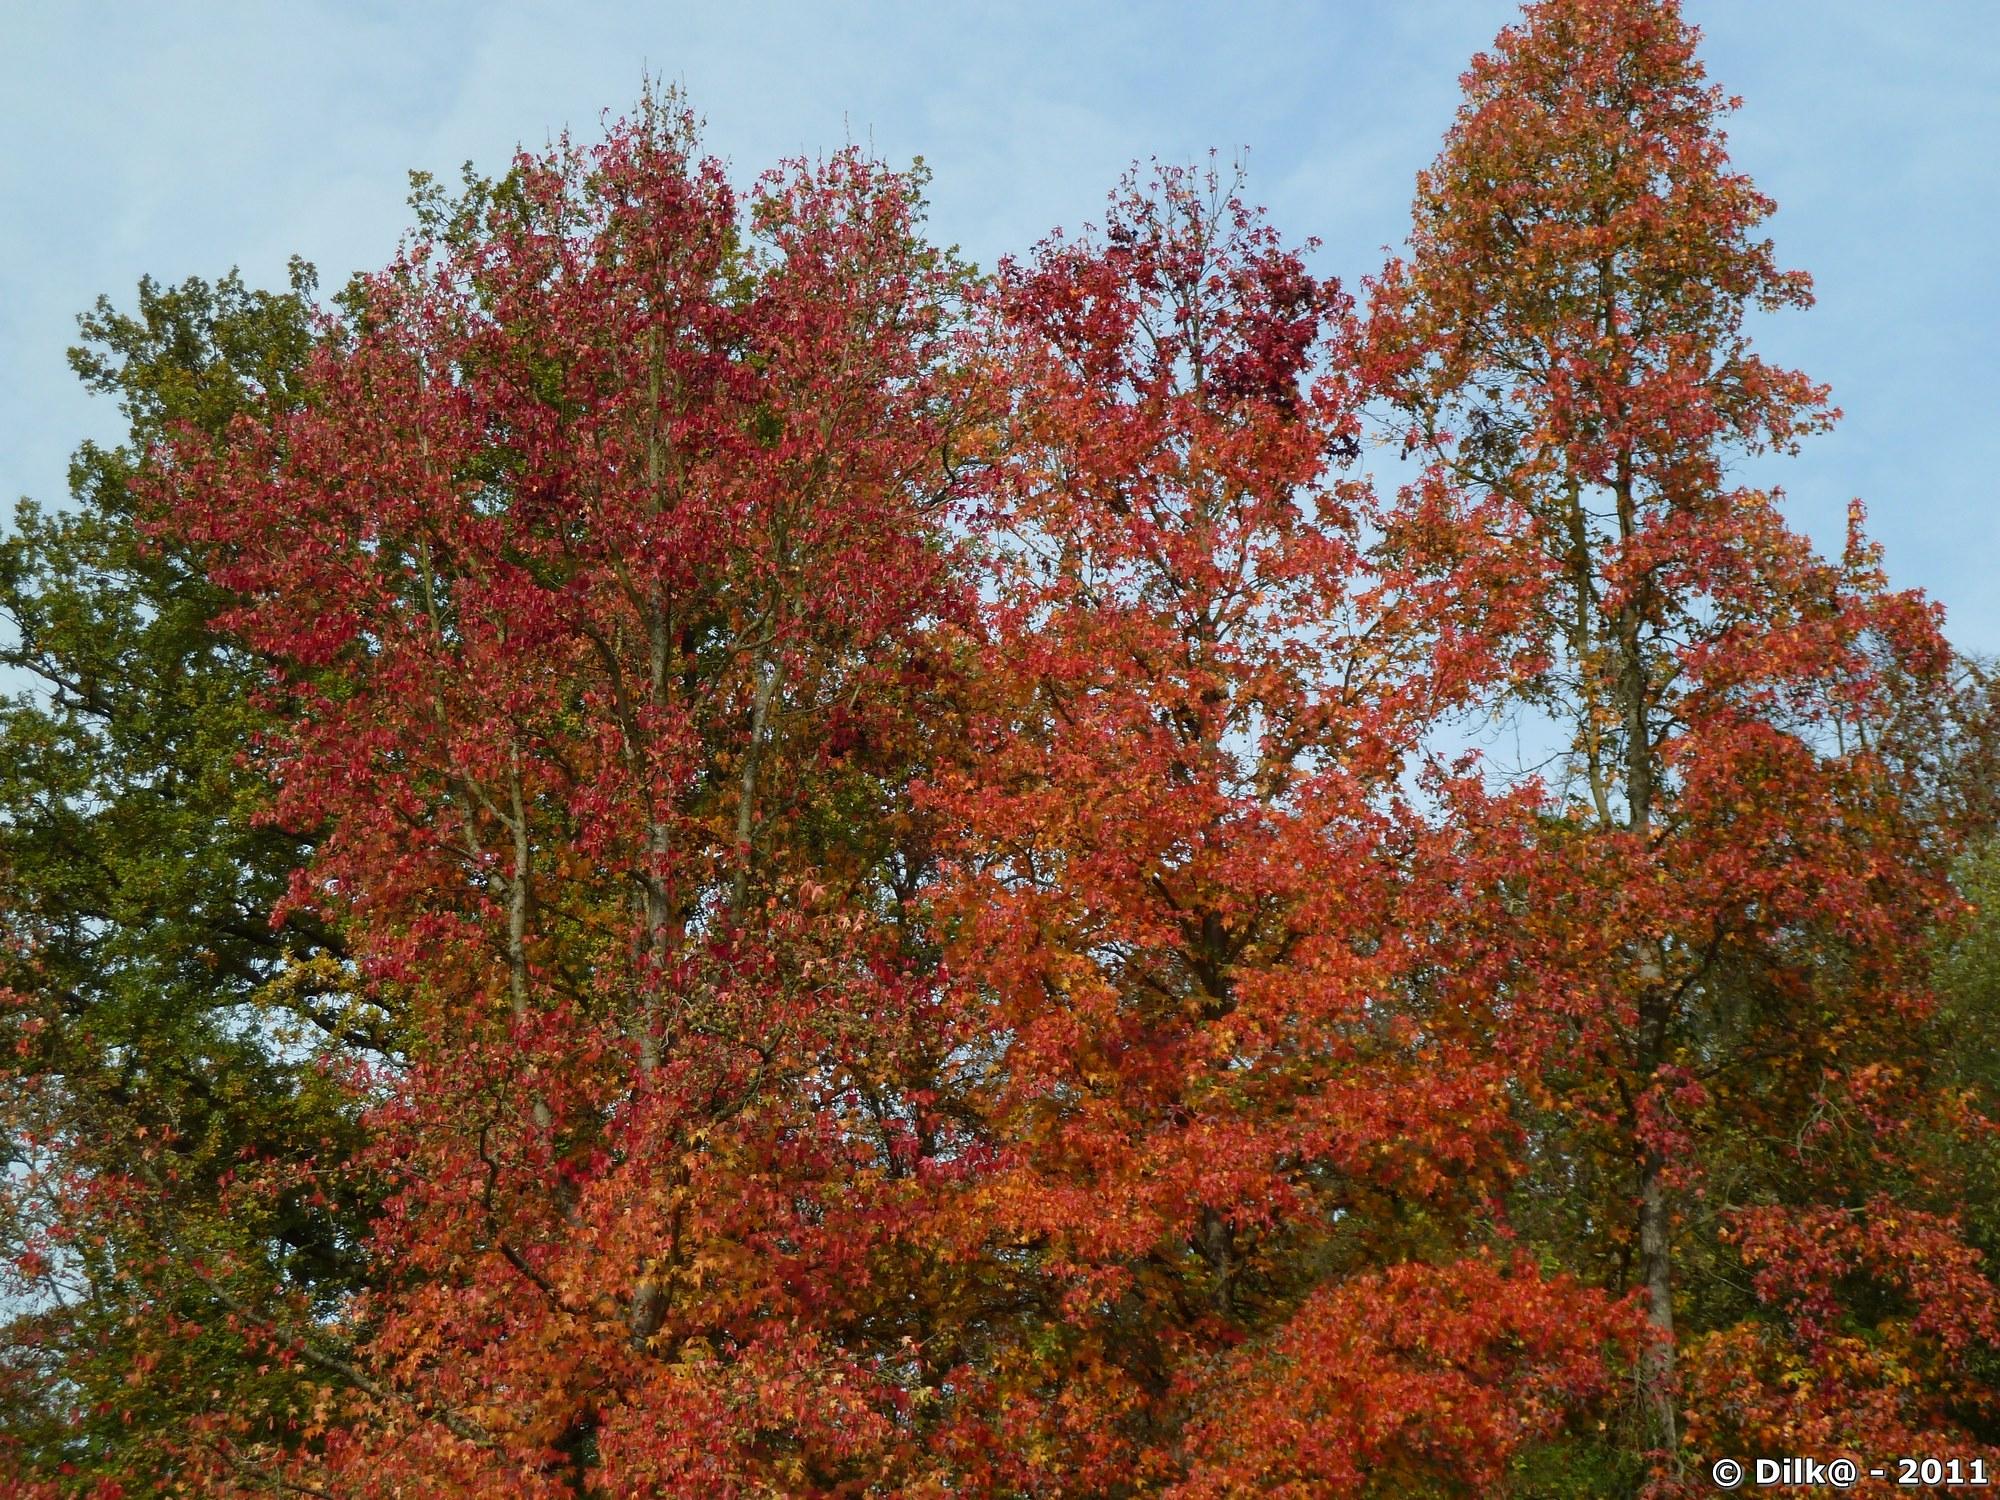 L'arbre aux couleurs rouge en automne